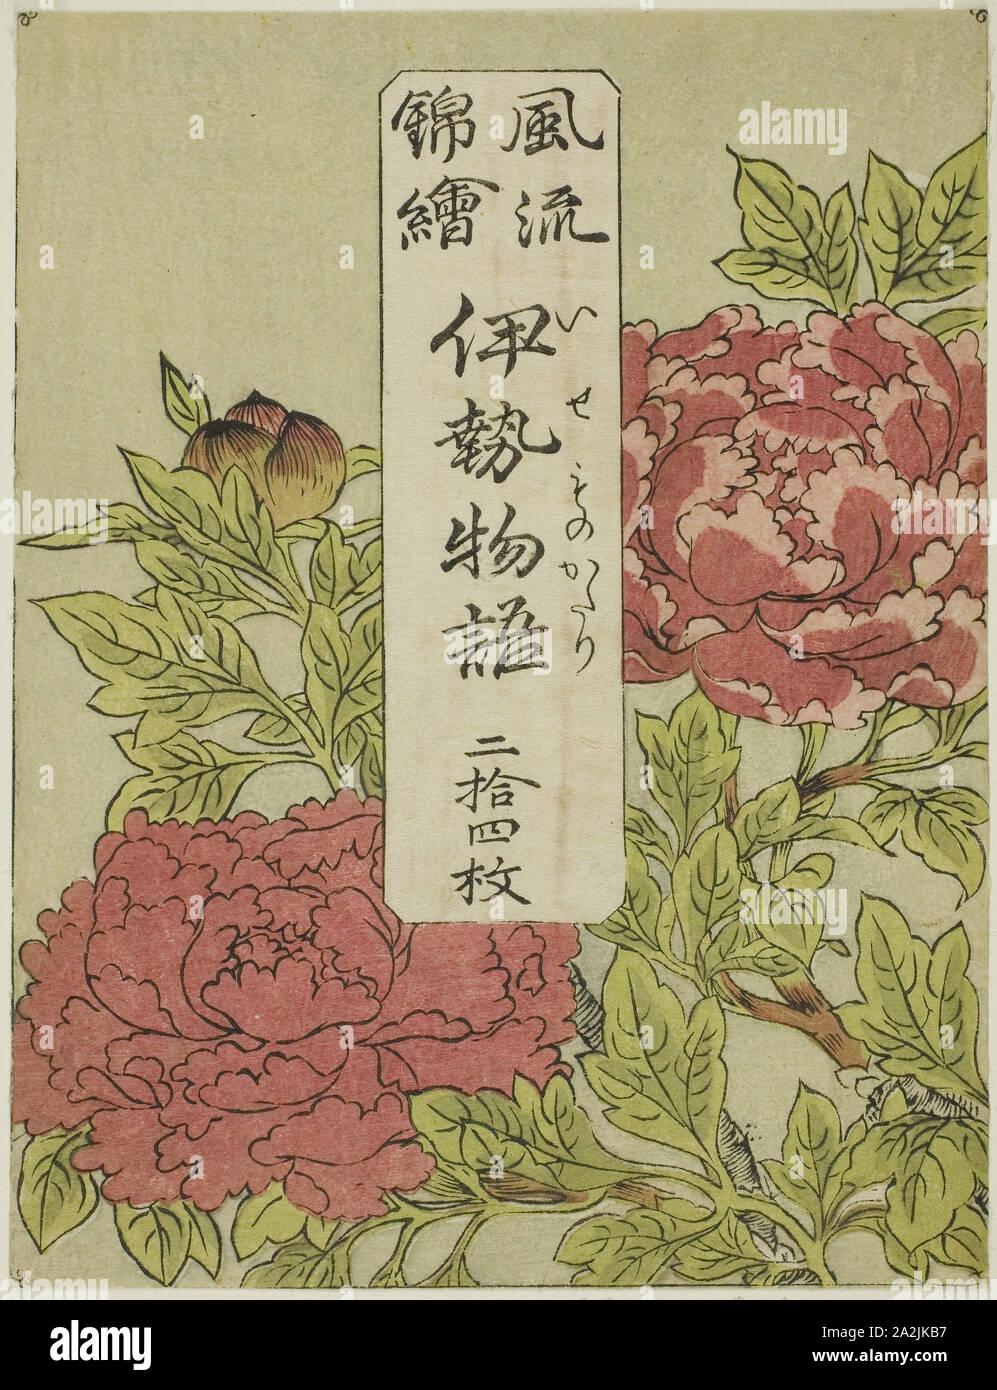 Color-Printed Wrapper pour la série Furyu Nishiki-e Ise Monogatori, ch. 1772/73 勝川 春章, Katsukawa Shunsho, Japonais, 1726-1792, le Japon, l'estampe Couleur, total: 63,5 x 40,8 cm (25 x 16 1/16 in.), de l'image: 17,5 x 13,5 cm (6 7/8 x 5 5/16 in Banque D'Images